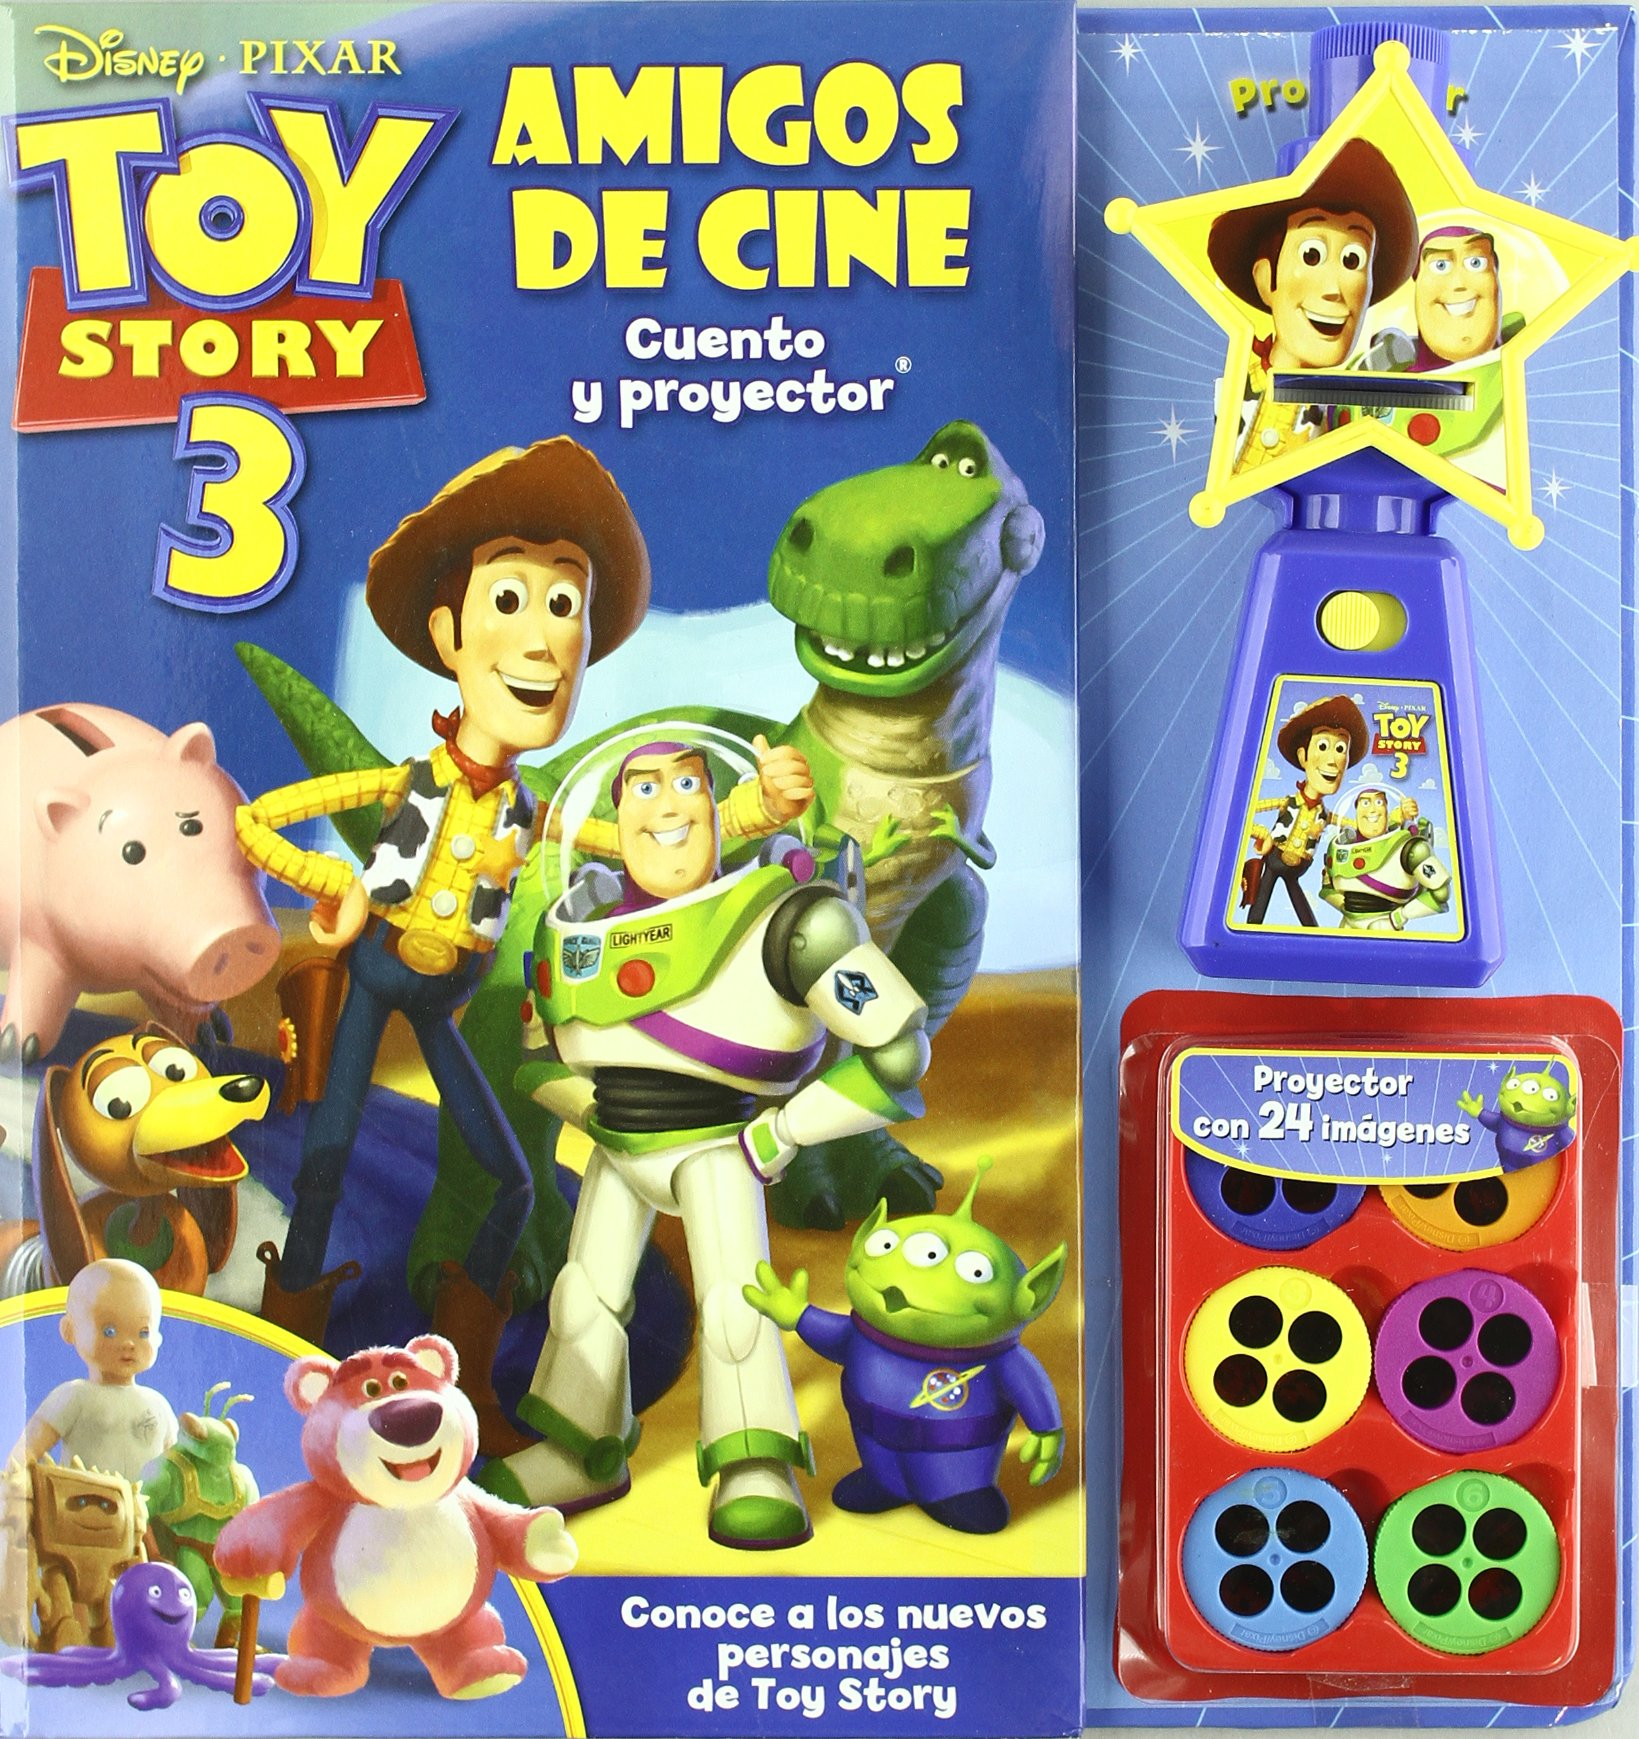 Toy story 3 - amigos de cine +proyector Pixar disney: Amazon.es ...